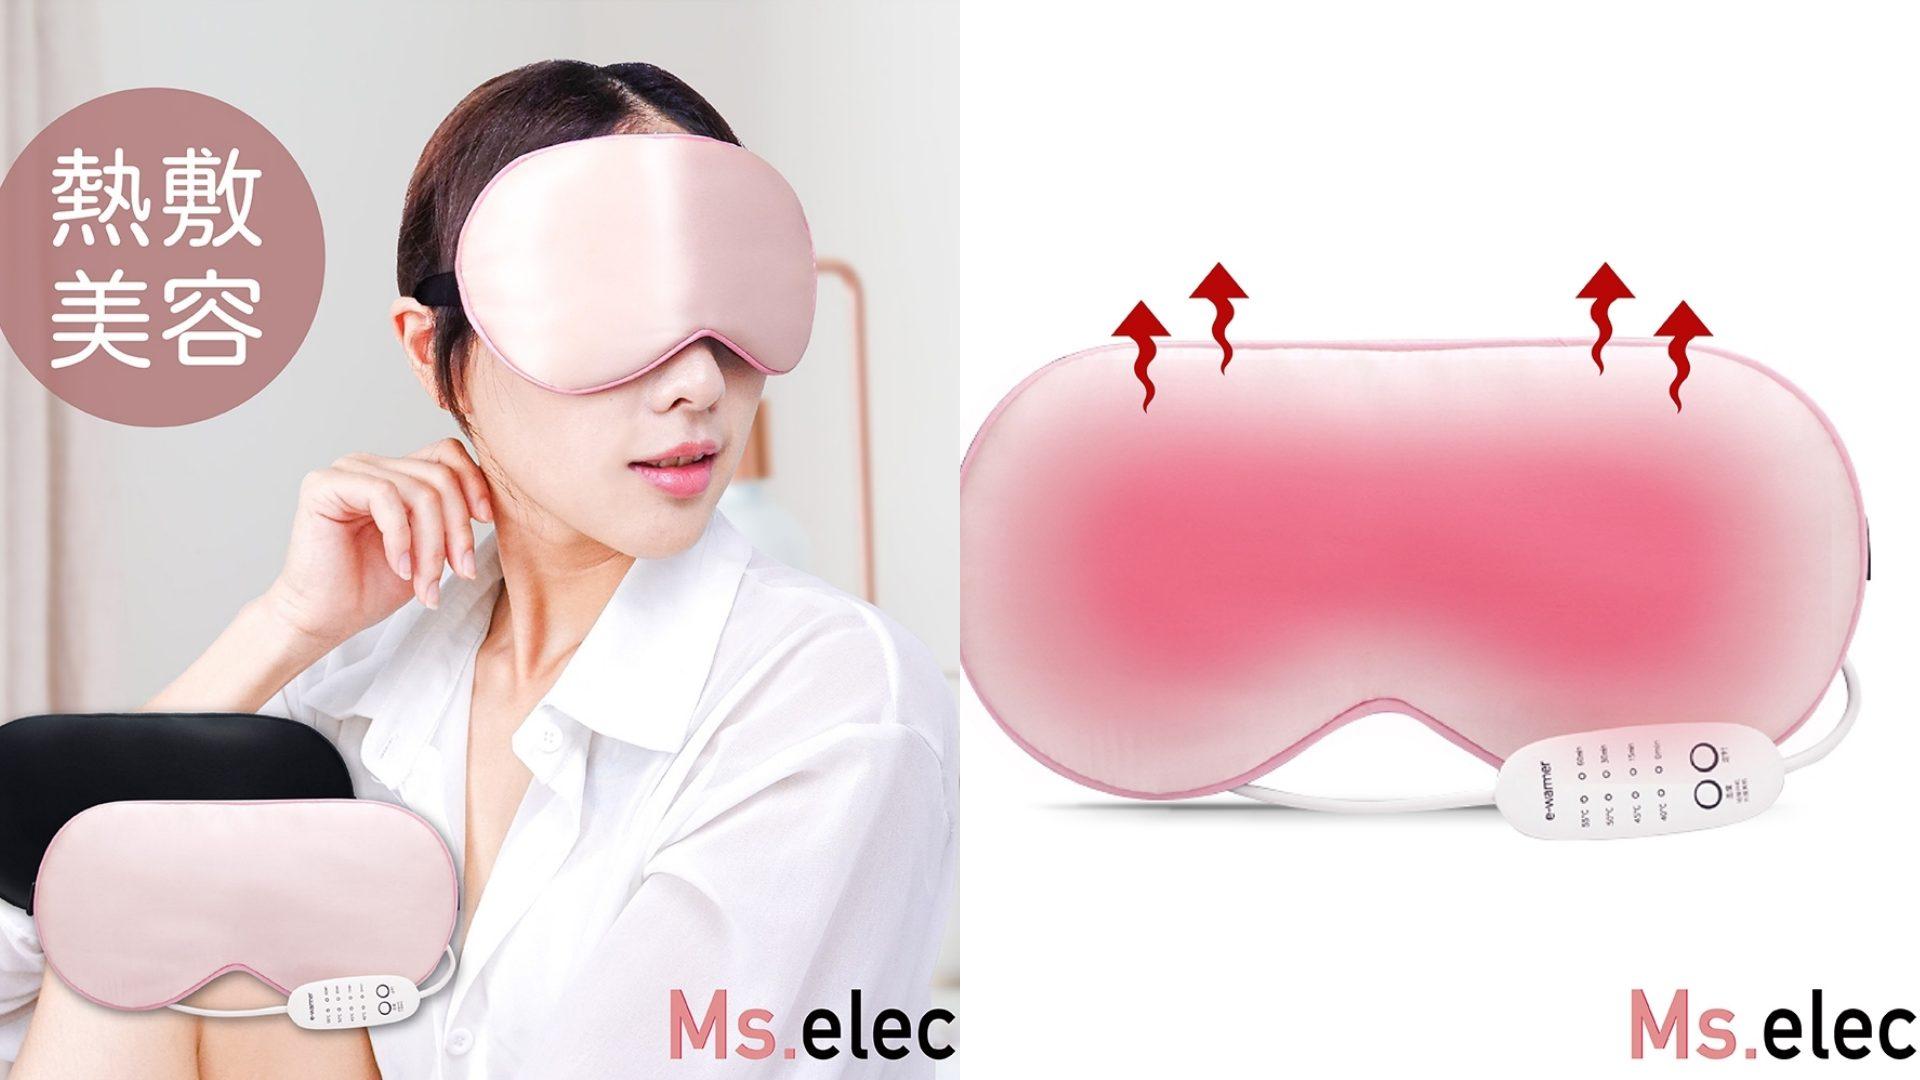 而且如果搭配眼部保養品使用,更能夠提升40%的吸收力!同時可以選擇定時關機功能,就算舒服到不小心睡著也不怕啦!